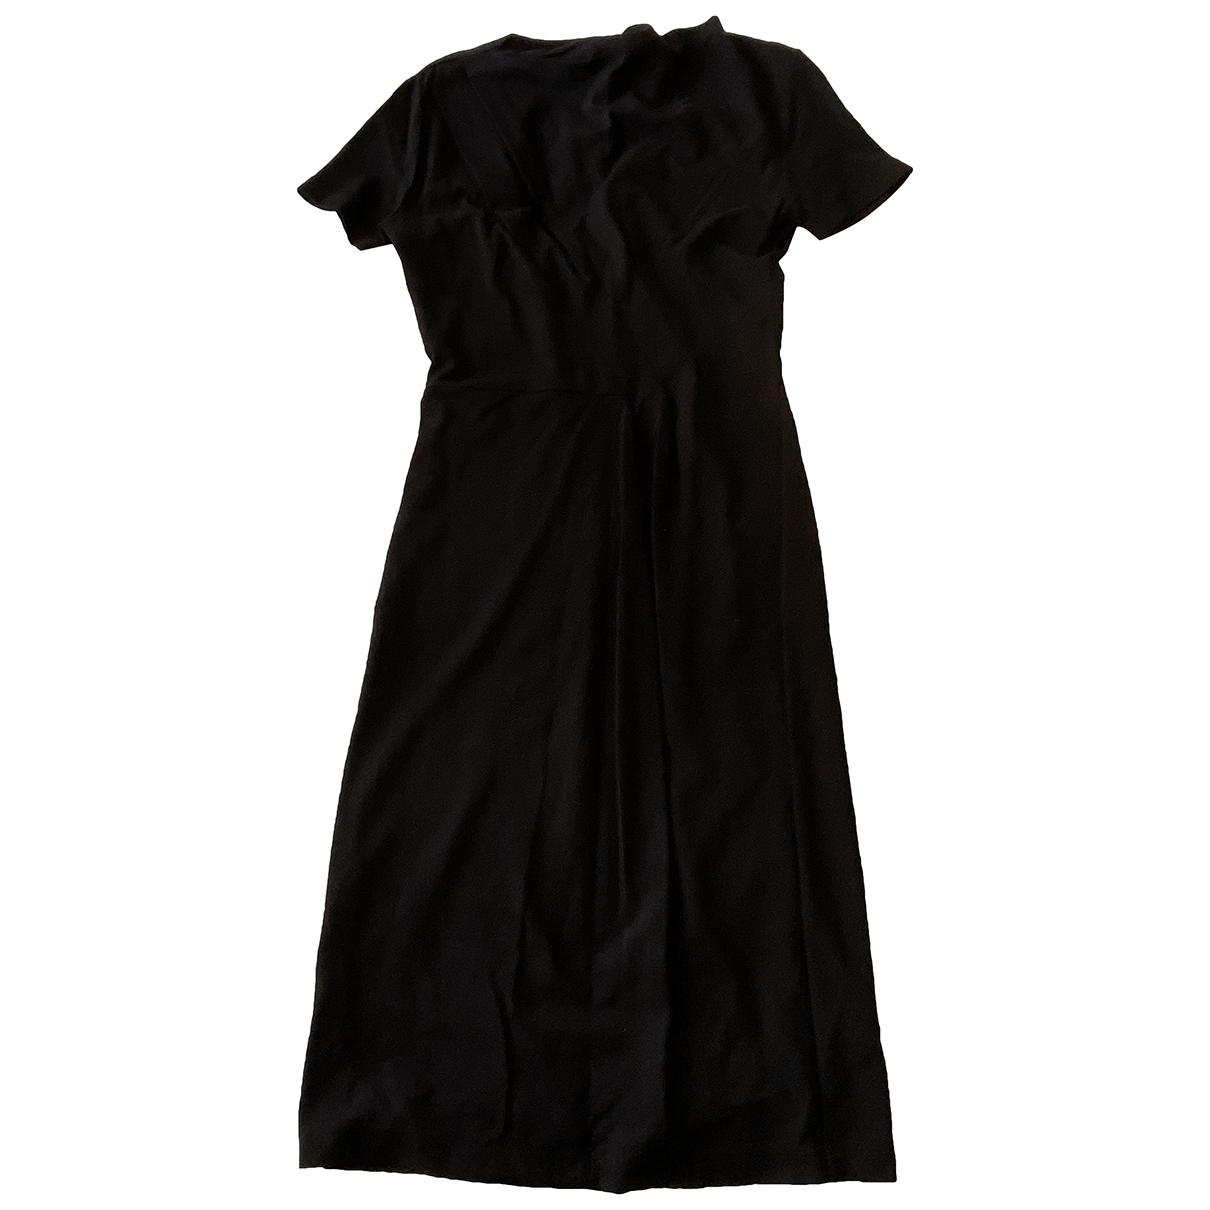 Jaeger London - Robe   pour femme - noir